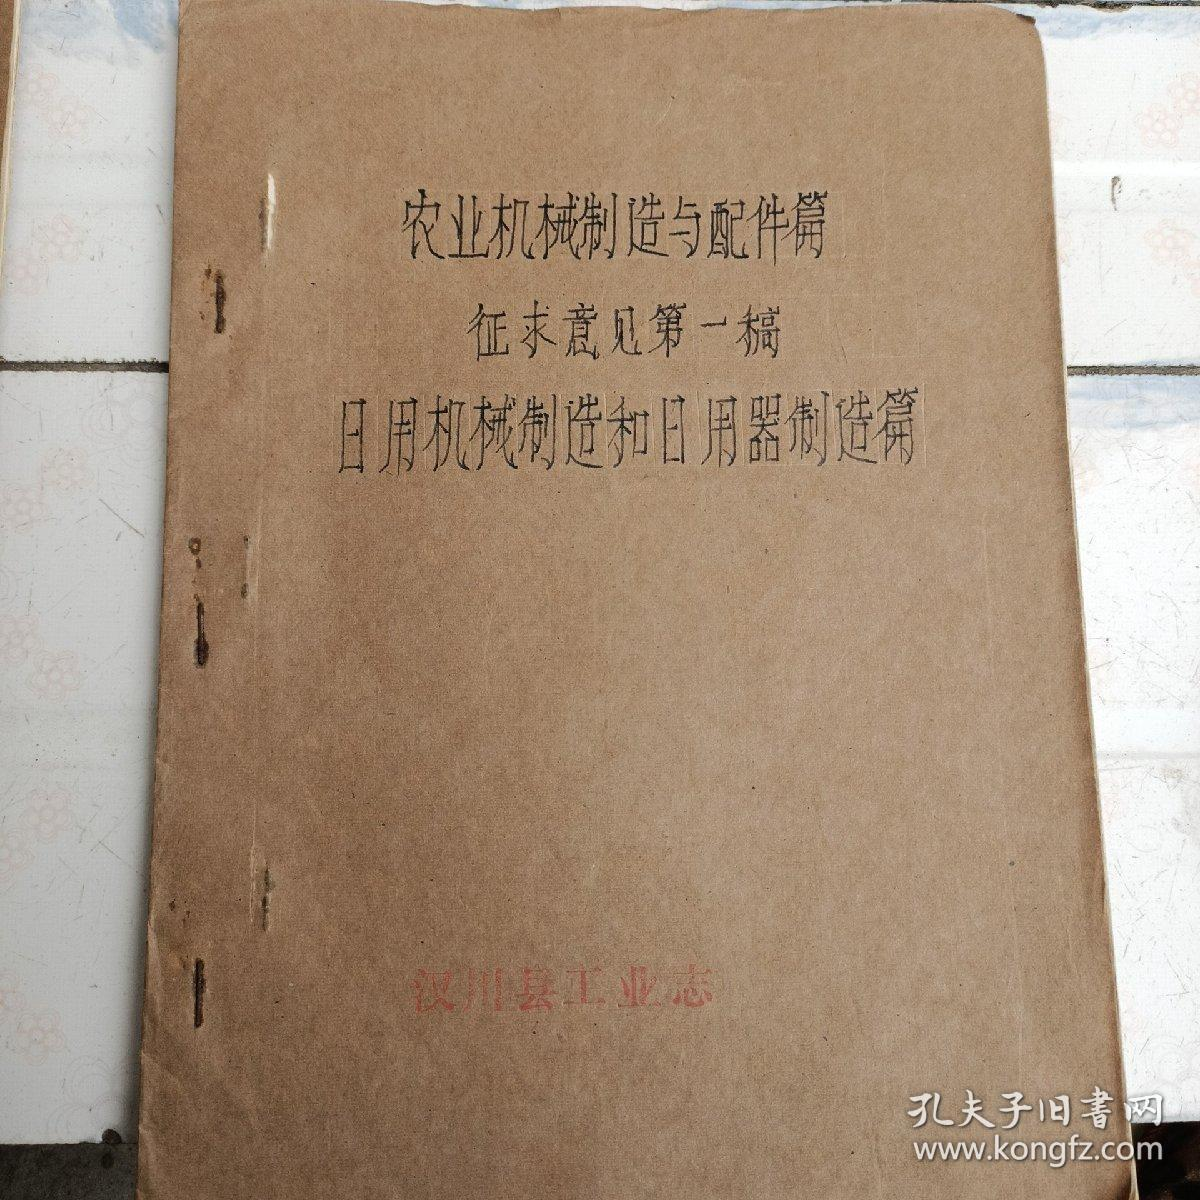 汉川县工业志征求意见稿共七册